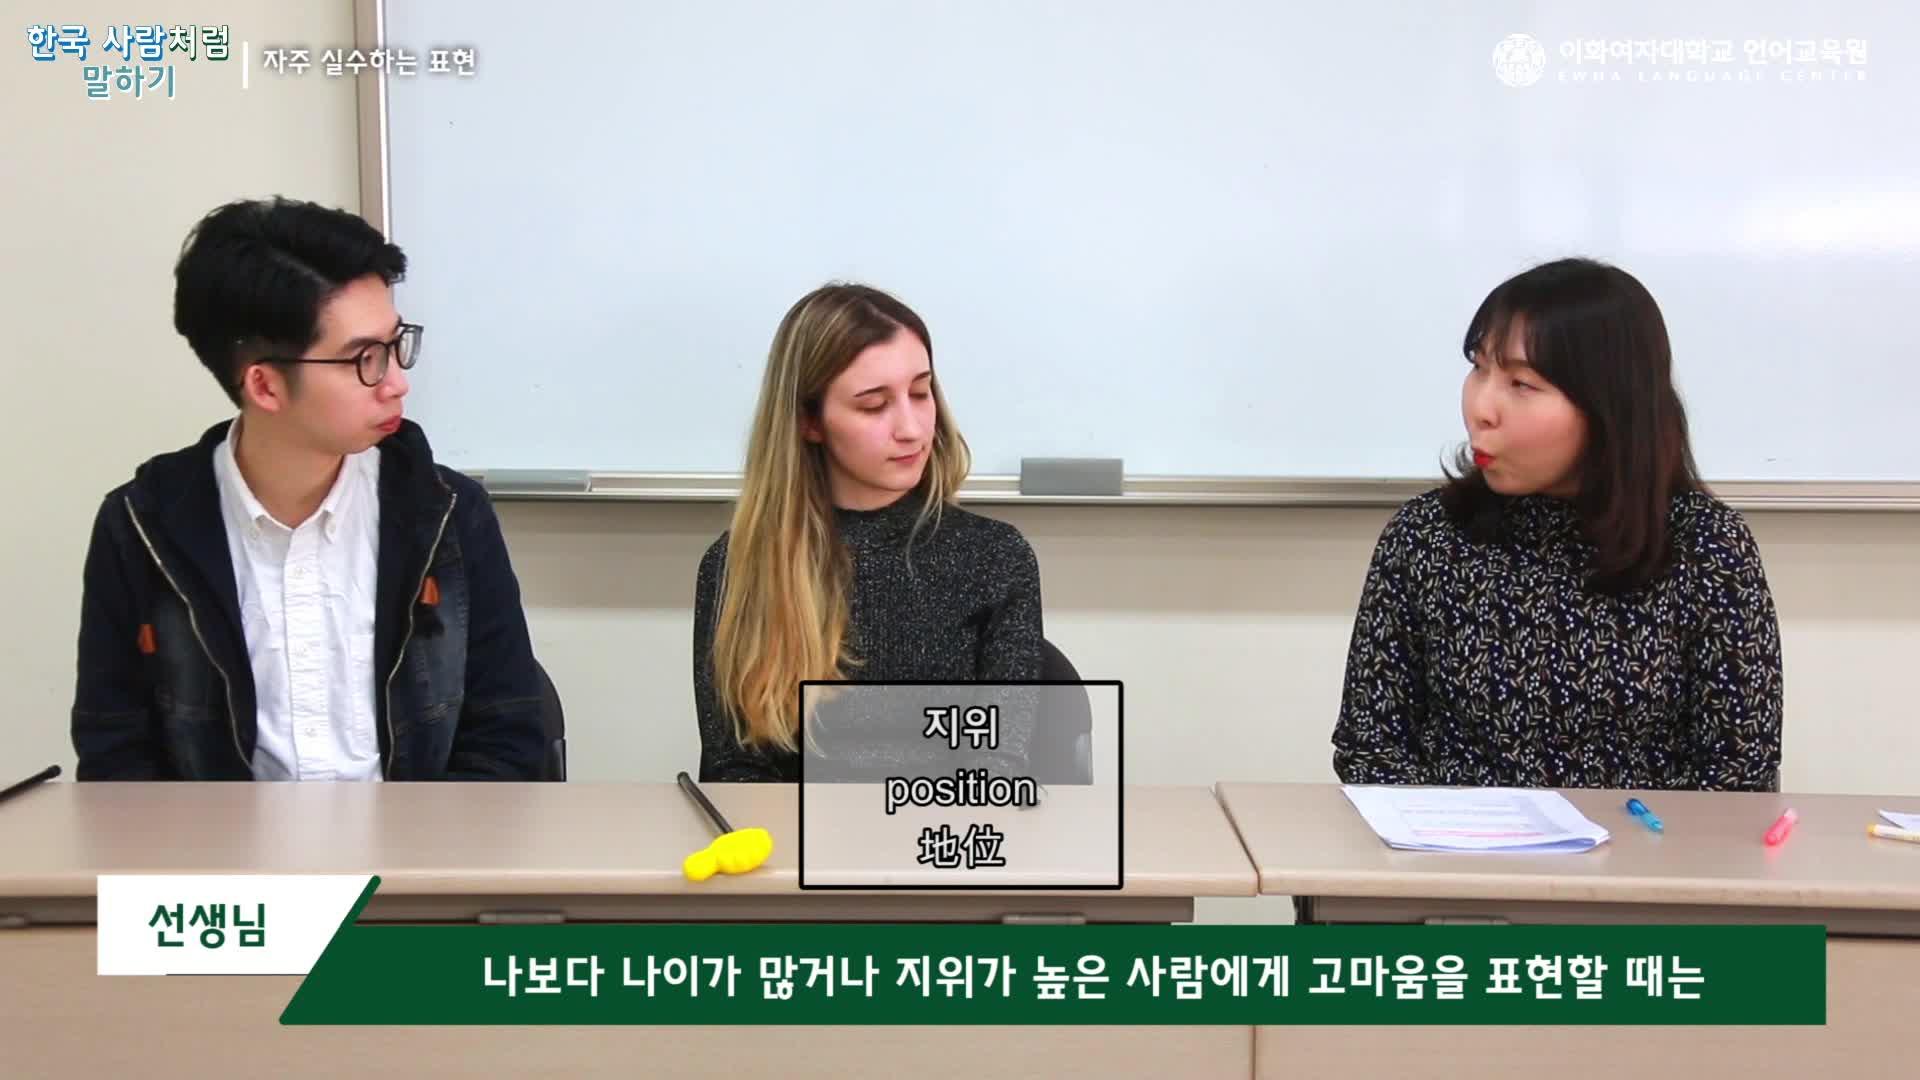 [Nói tiếng Hàn như người Hàn] 알쏭달쏭 한국어 / 3편: 자주 실수하는 표현. 출처: 이화여자대학교 언어교육원